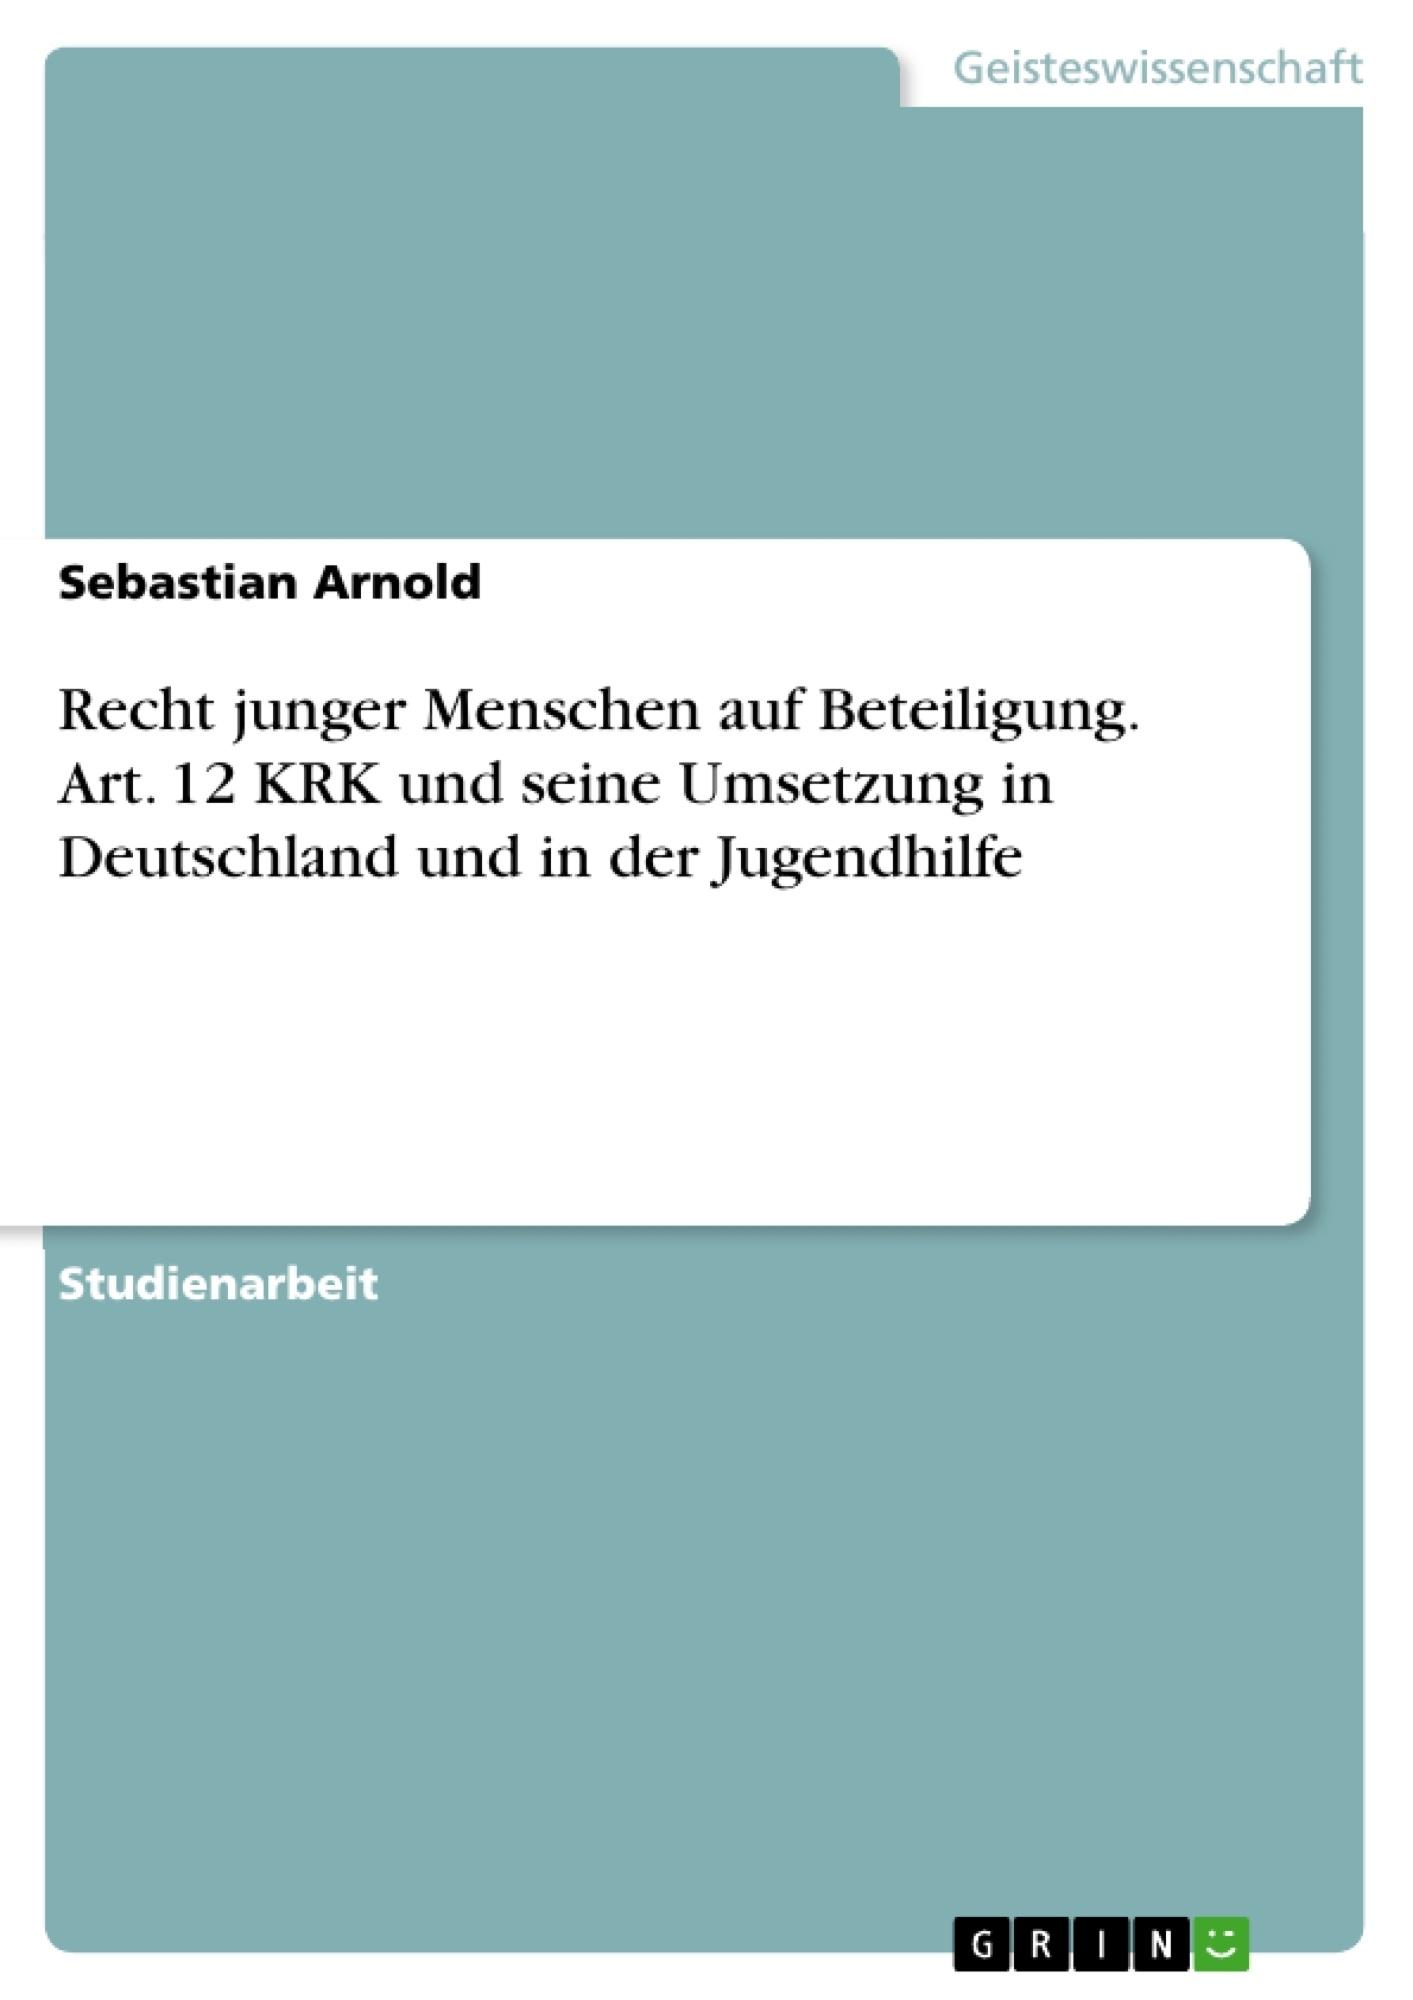 Titel: Recht junger Menschen auf Beteiligung. Art. 12 KRK und seine Umsetzung in Deutschland und in der Jugendhilfe